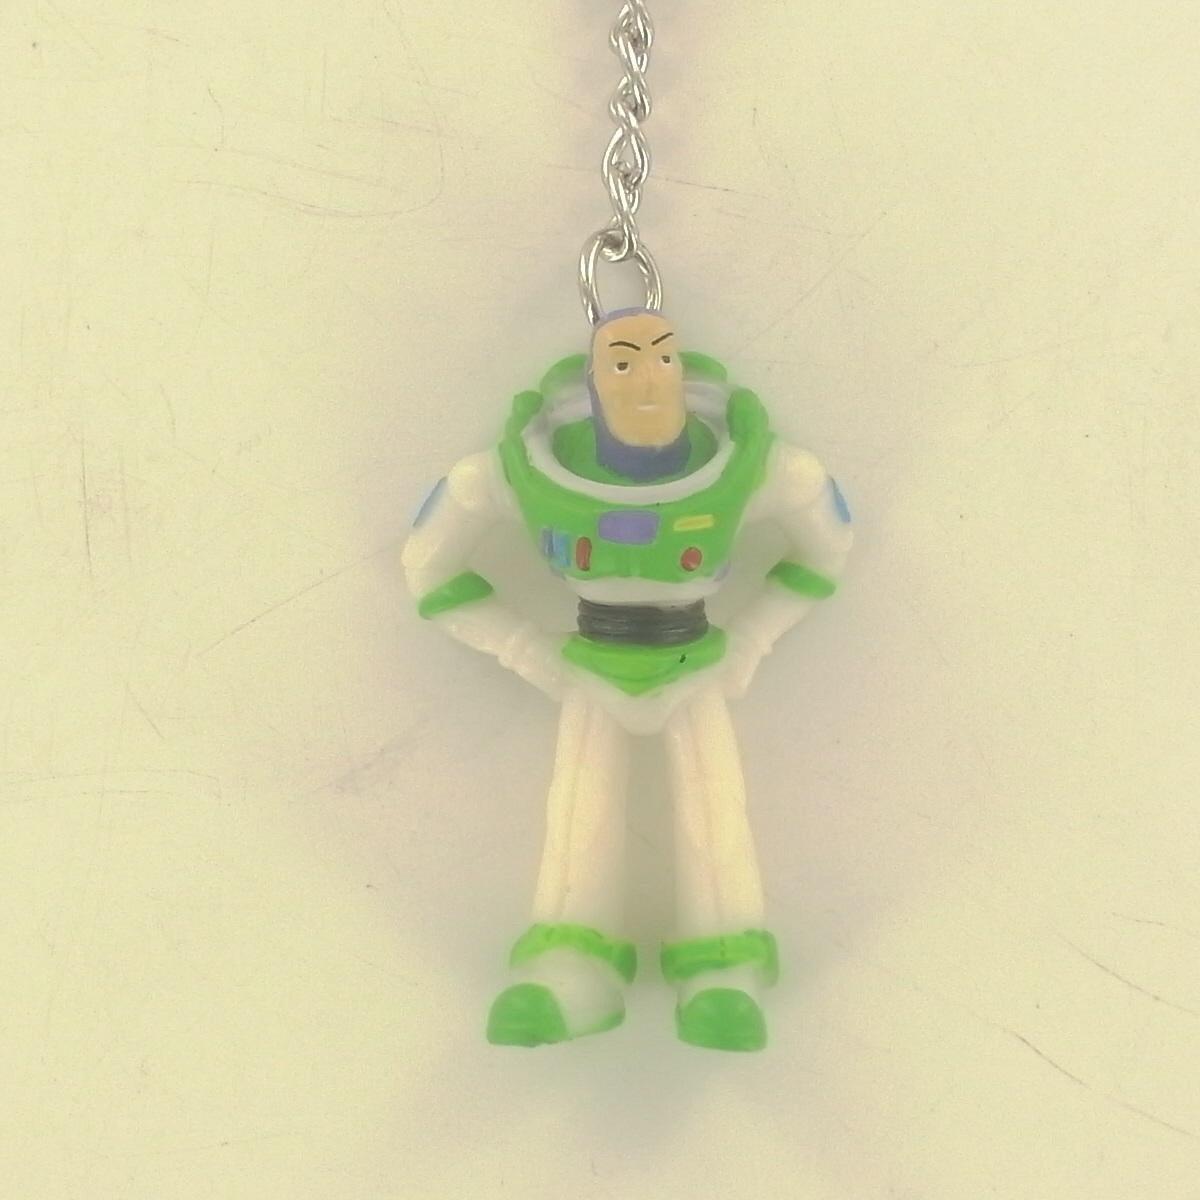 Sambro Toy Story Llavero: Amazon.es: Juguetes y juegos